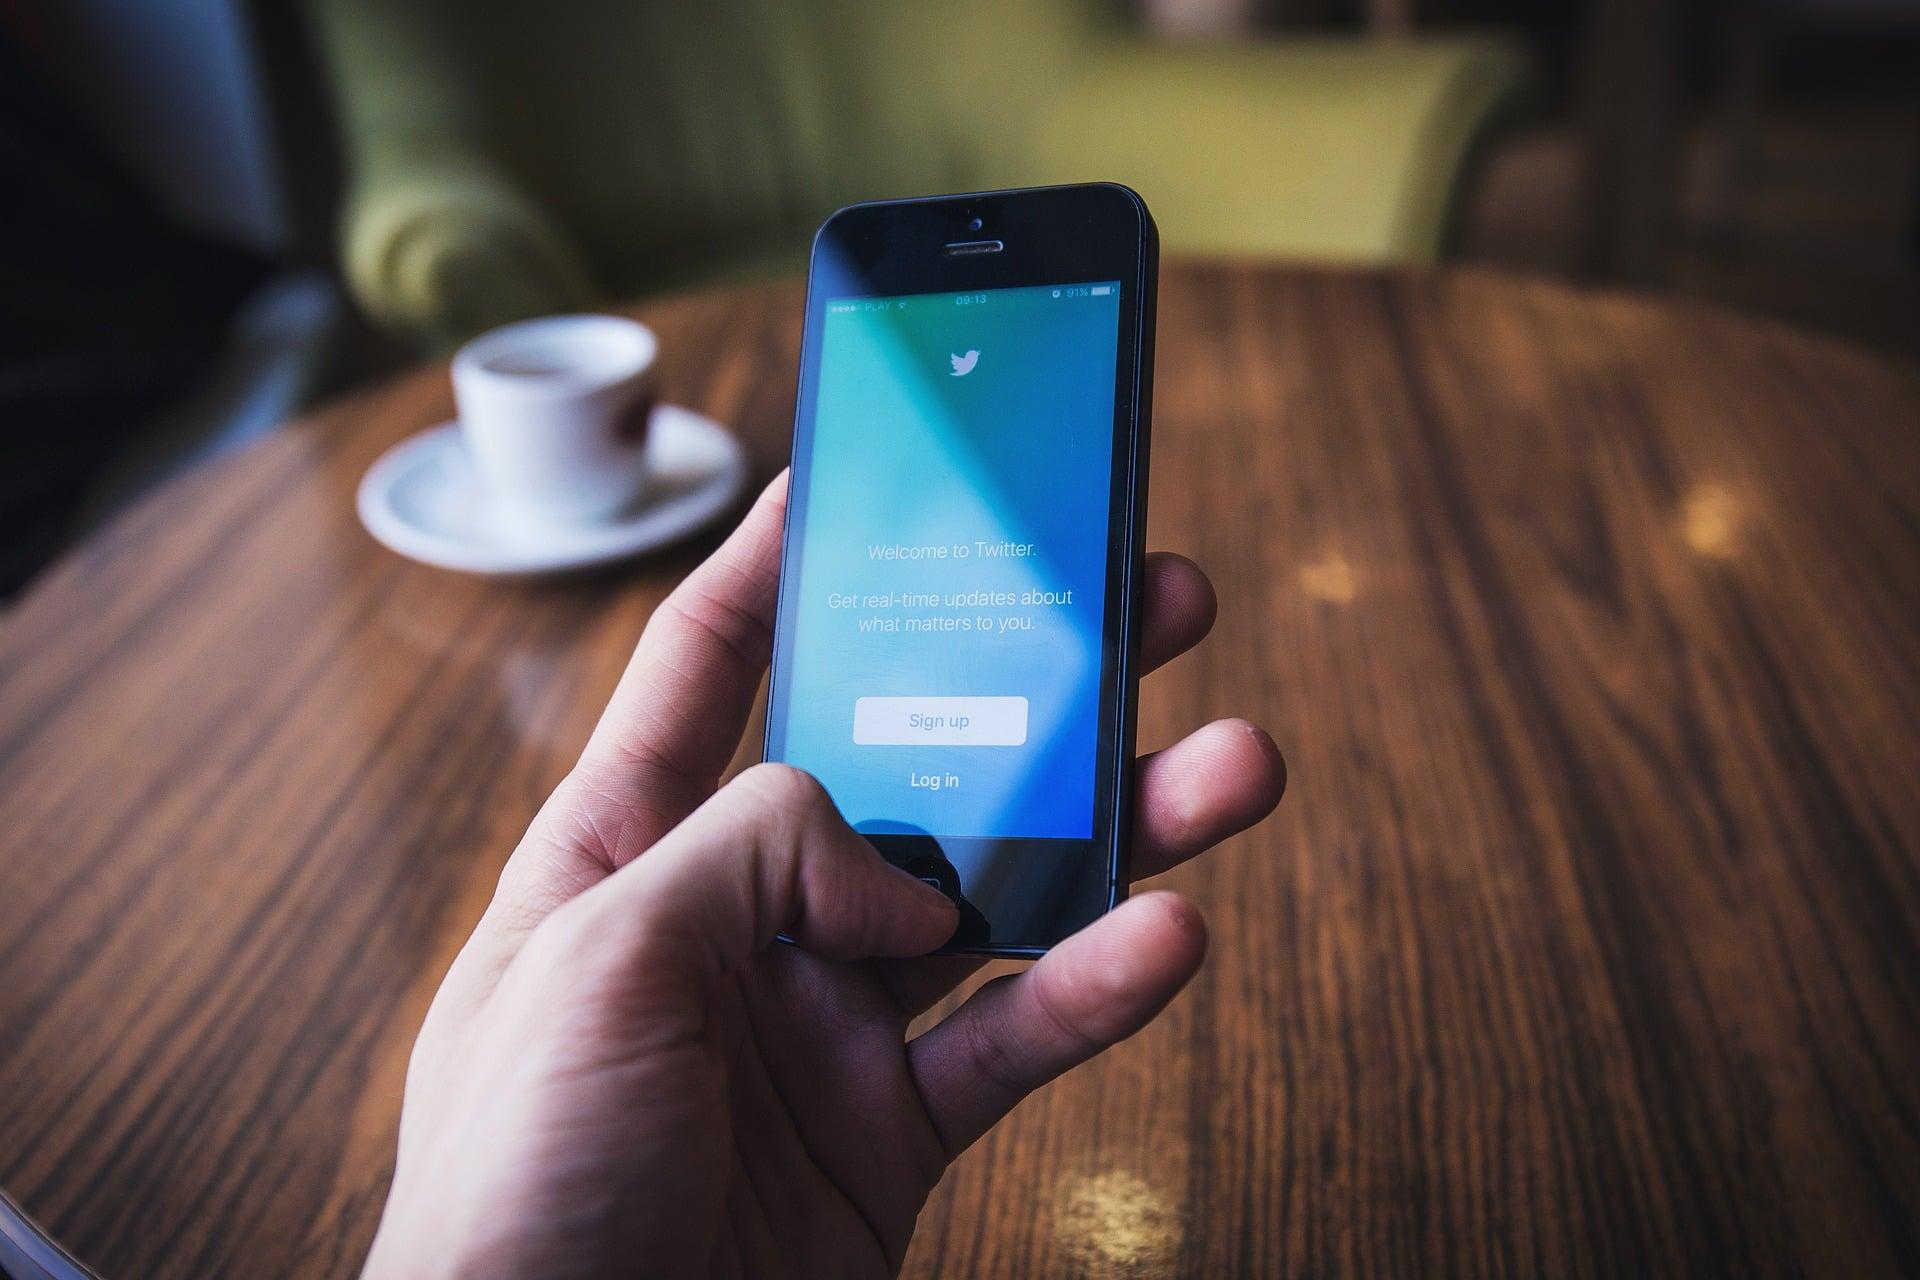 Twitter: prywatne dane mogły zostać udostępnione bez zgody użytkownika 20